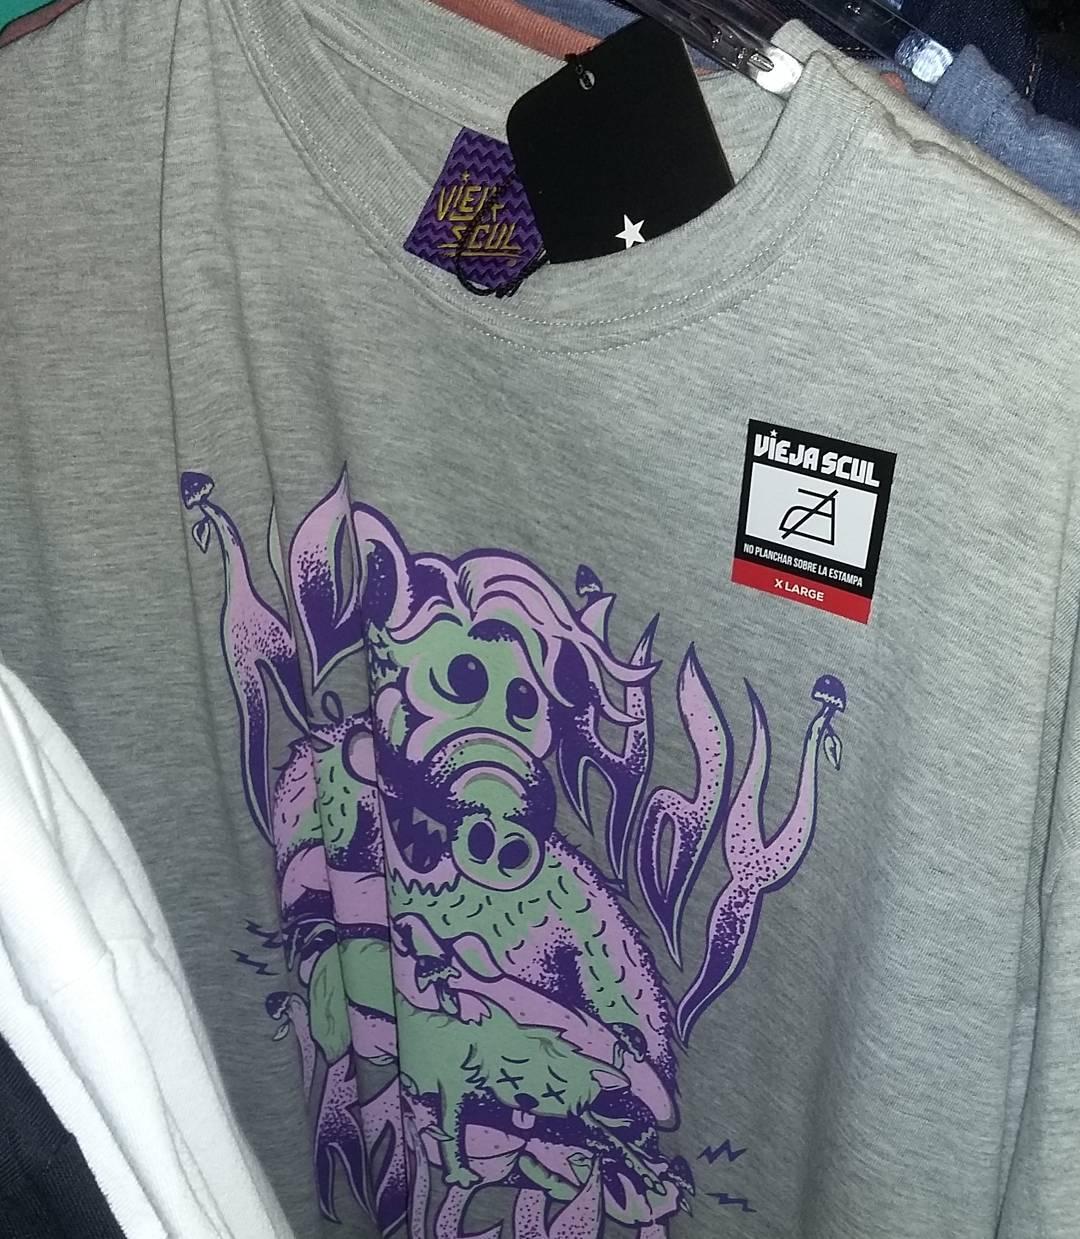 Ya podes conseguir lo nuevo de  #ViejaScul en Beat Boutique - San Telmo, CABA. #Alf #illustration #new #tees #summer #verano #tshirt #Shirt #dibujo #ilustración #diseño #tipografia #serigrafía #original #clothes #Store #skateshop #vscocam #instapic...